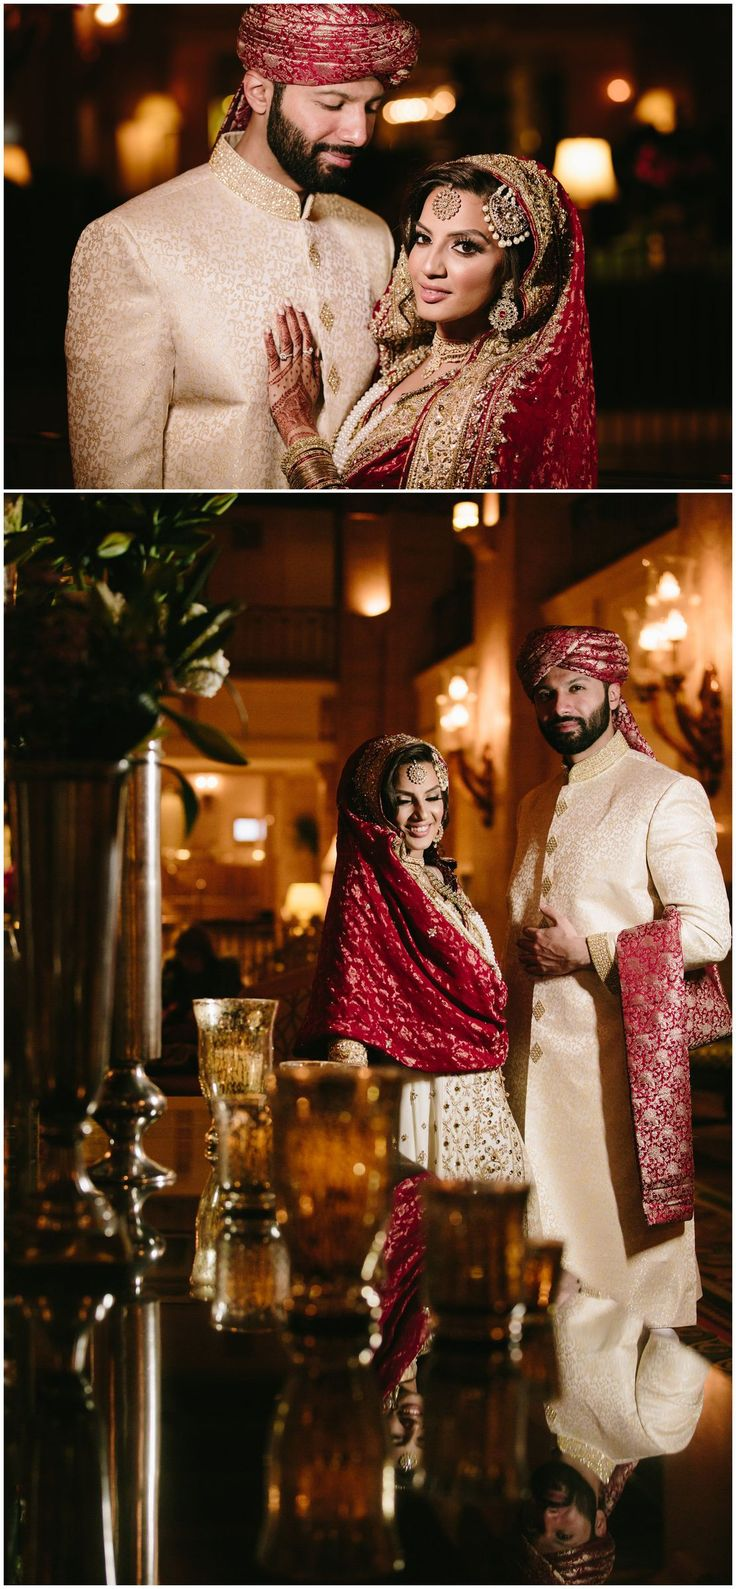 Hera and Arsalan's Luxury Wedding at Fairmont Royal York #makeupbyjenevoy #toronto #lakeshore #weddingideas #indianwedding #indianbride #paksitanibride#weddingphotographer #torontoweddingphotographer #indianweddingphotographer #southasianbride #wedding #happy #thatlightingtho